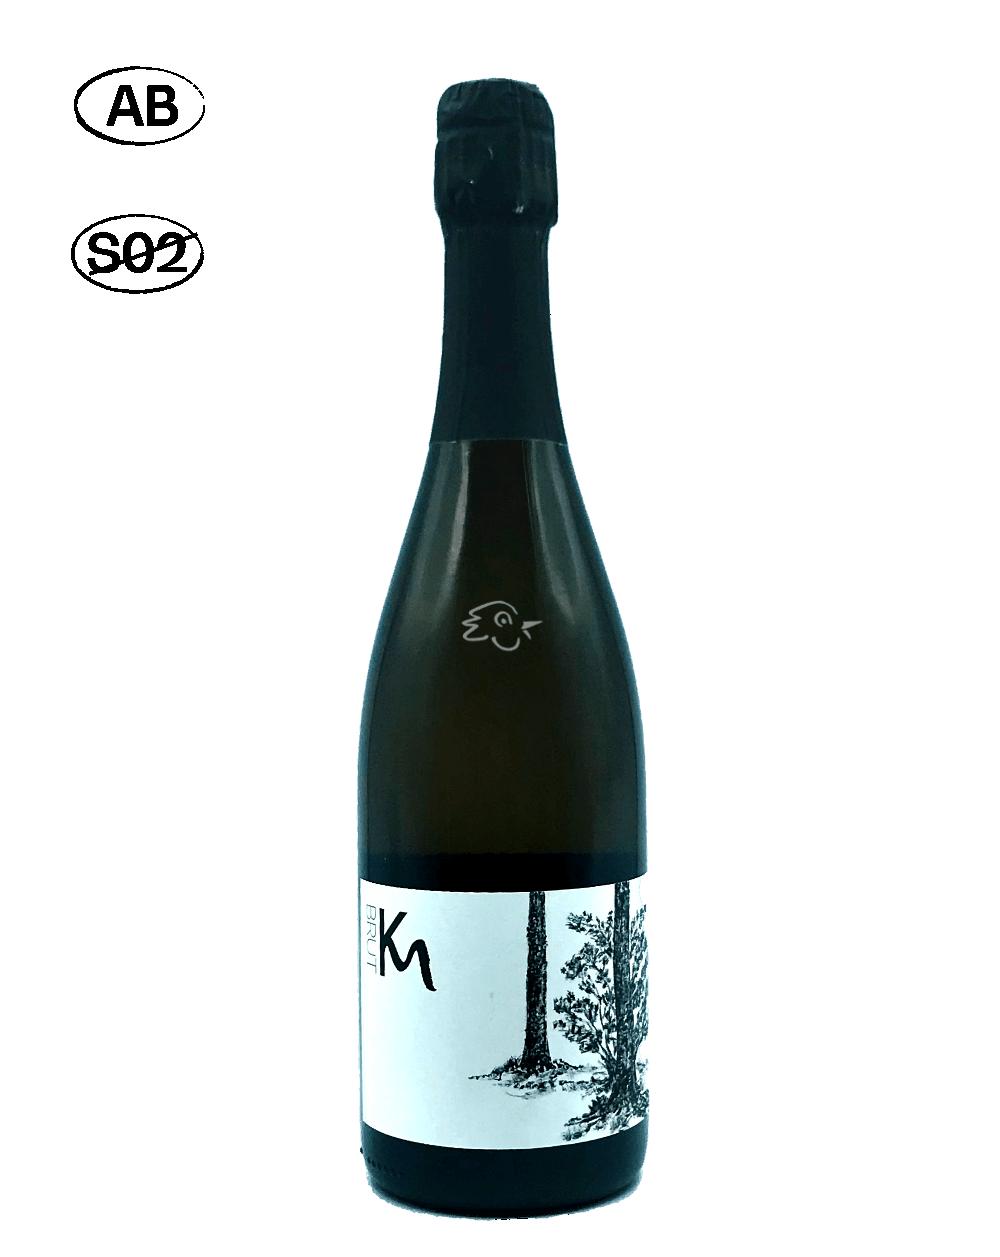 Domaine Kumpf & Meyer - Crémant Brut 2018 - Avintures